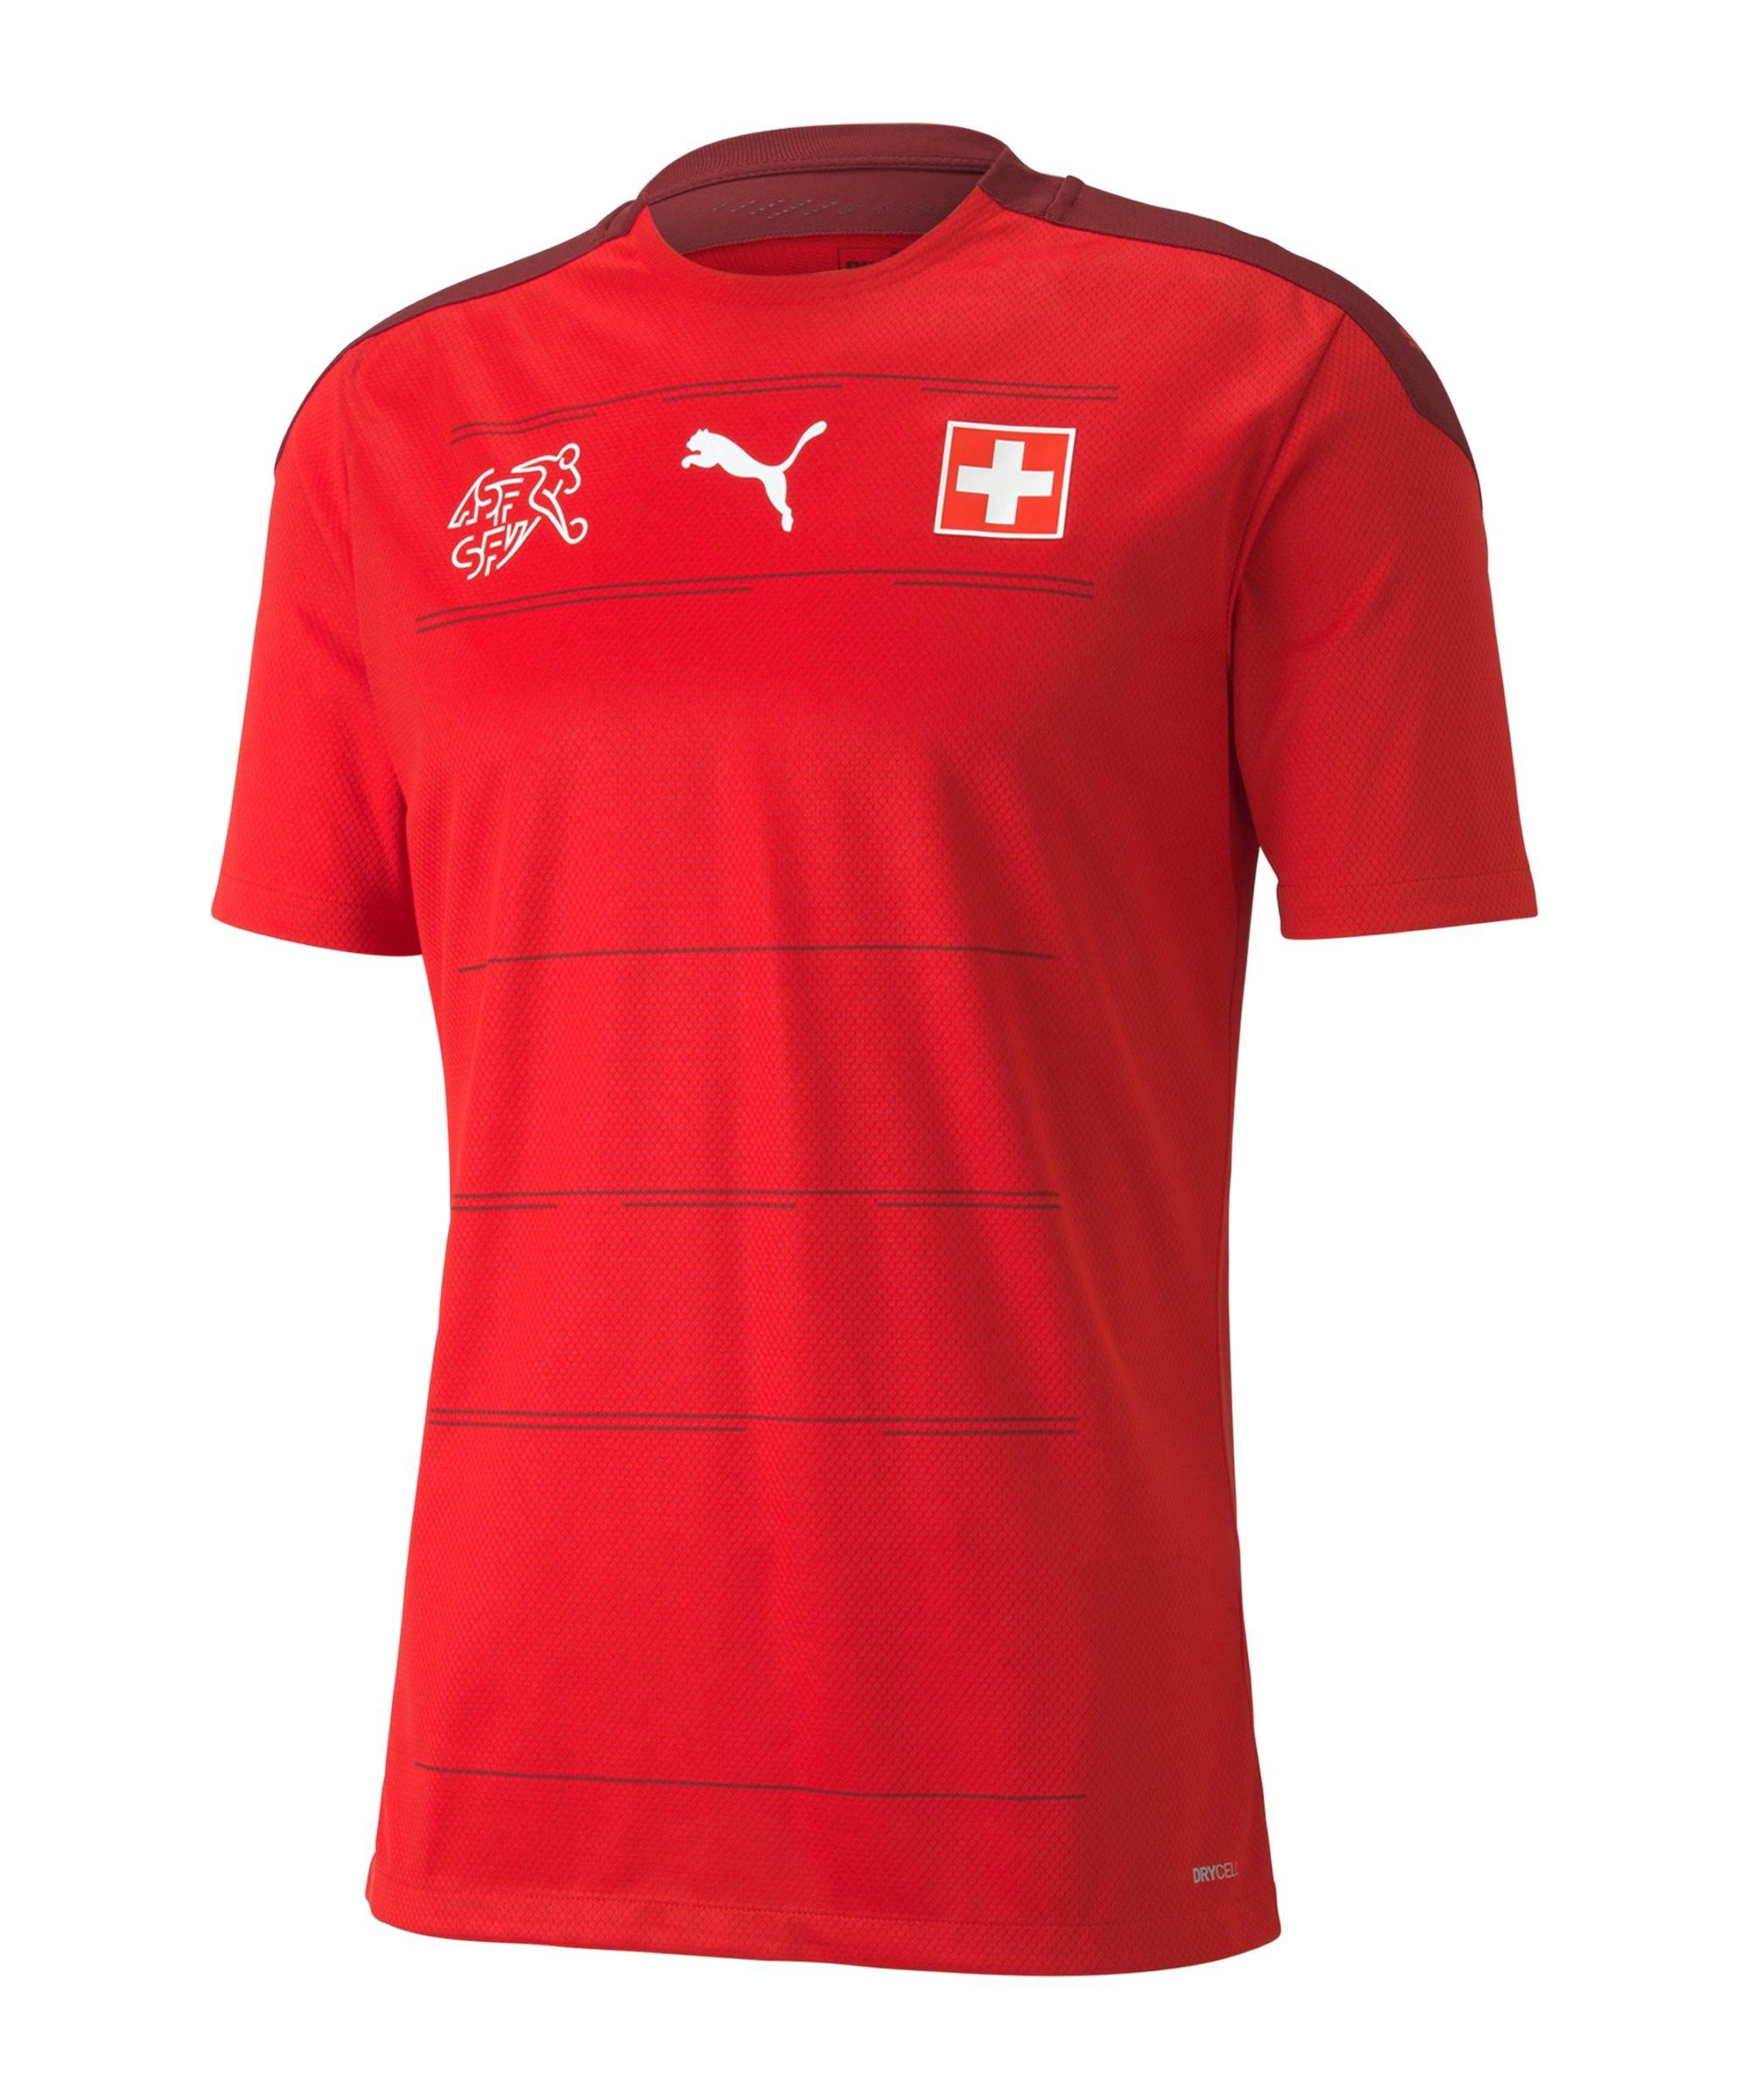 PUMA Schweiz Trikot Home EM 2021 Rot F01 - rot